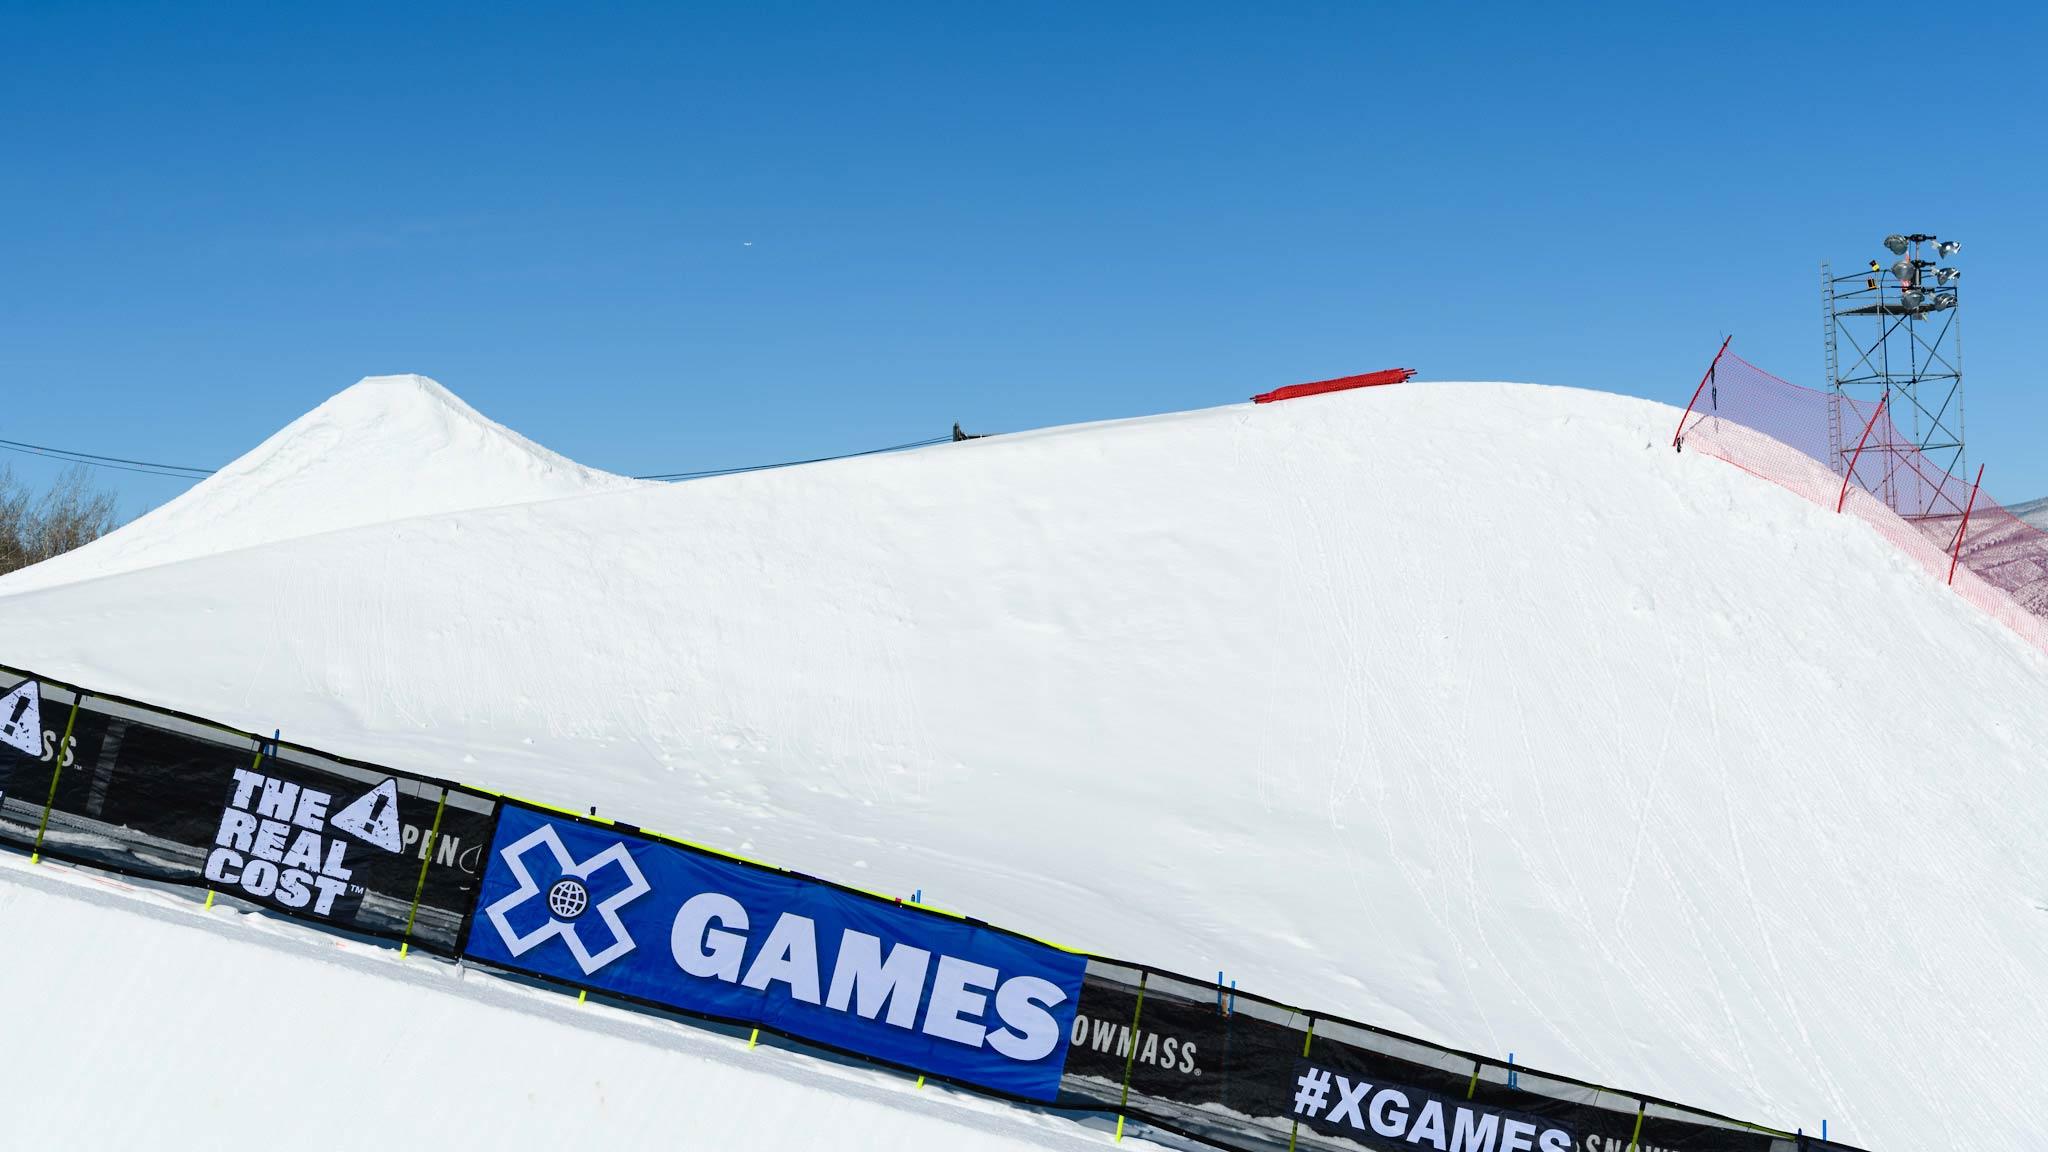 Der dritte und letzte Money Booter bei den X Games 2018 in Aspen - Foto: xgames.espn.com